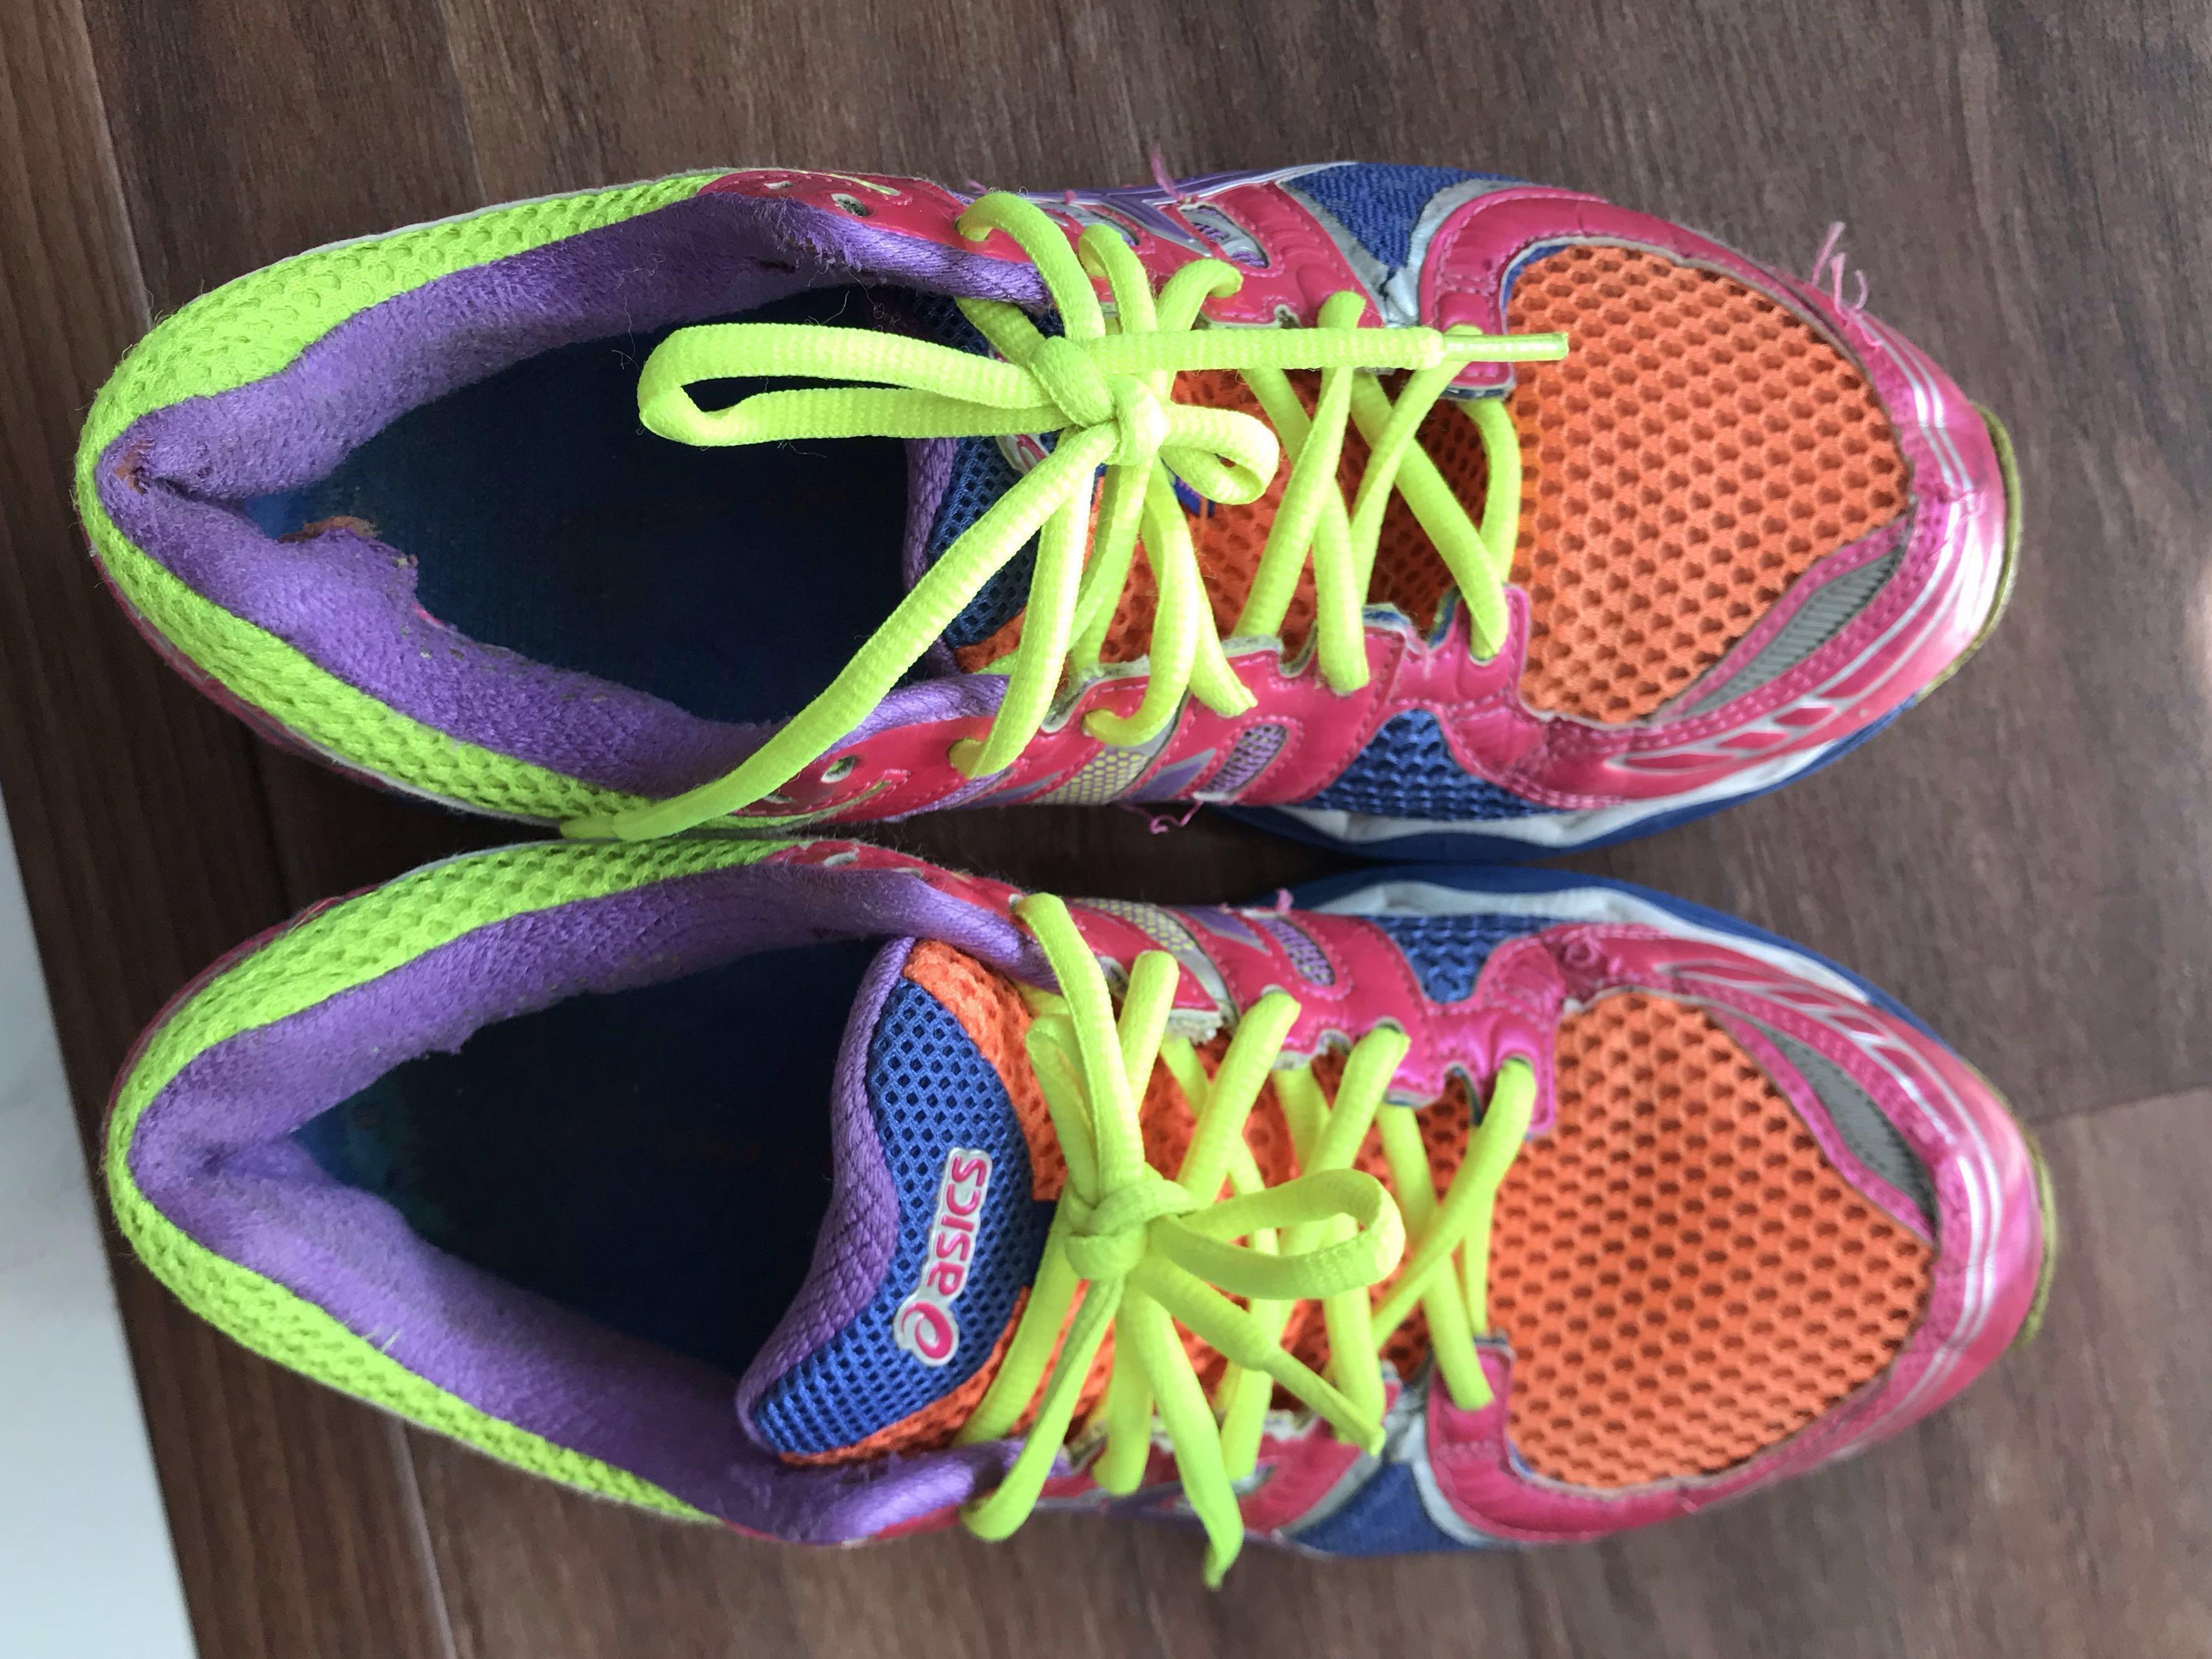 ladies asics nimbus running shoes